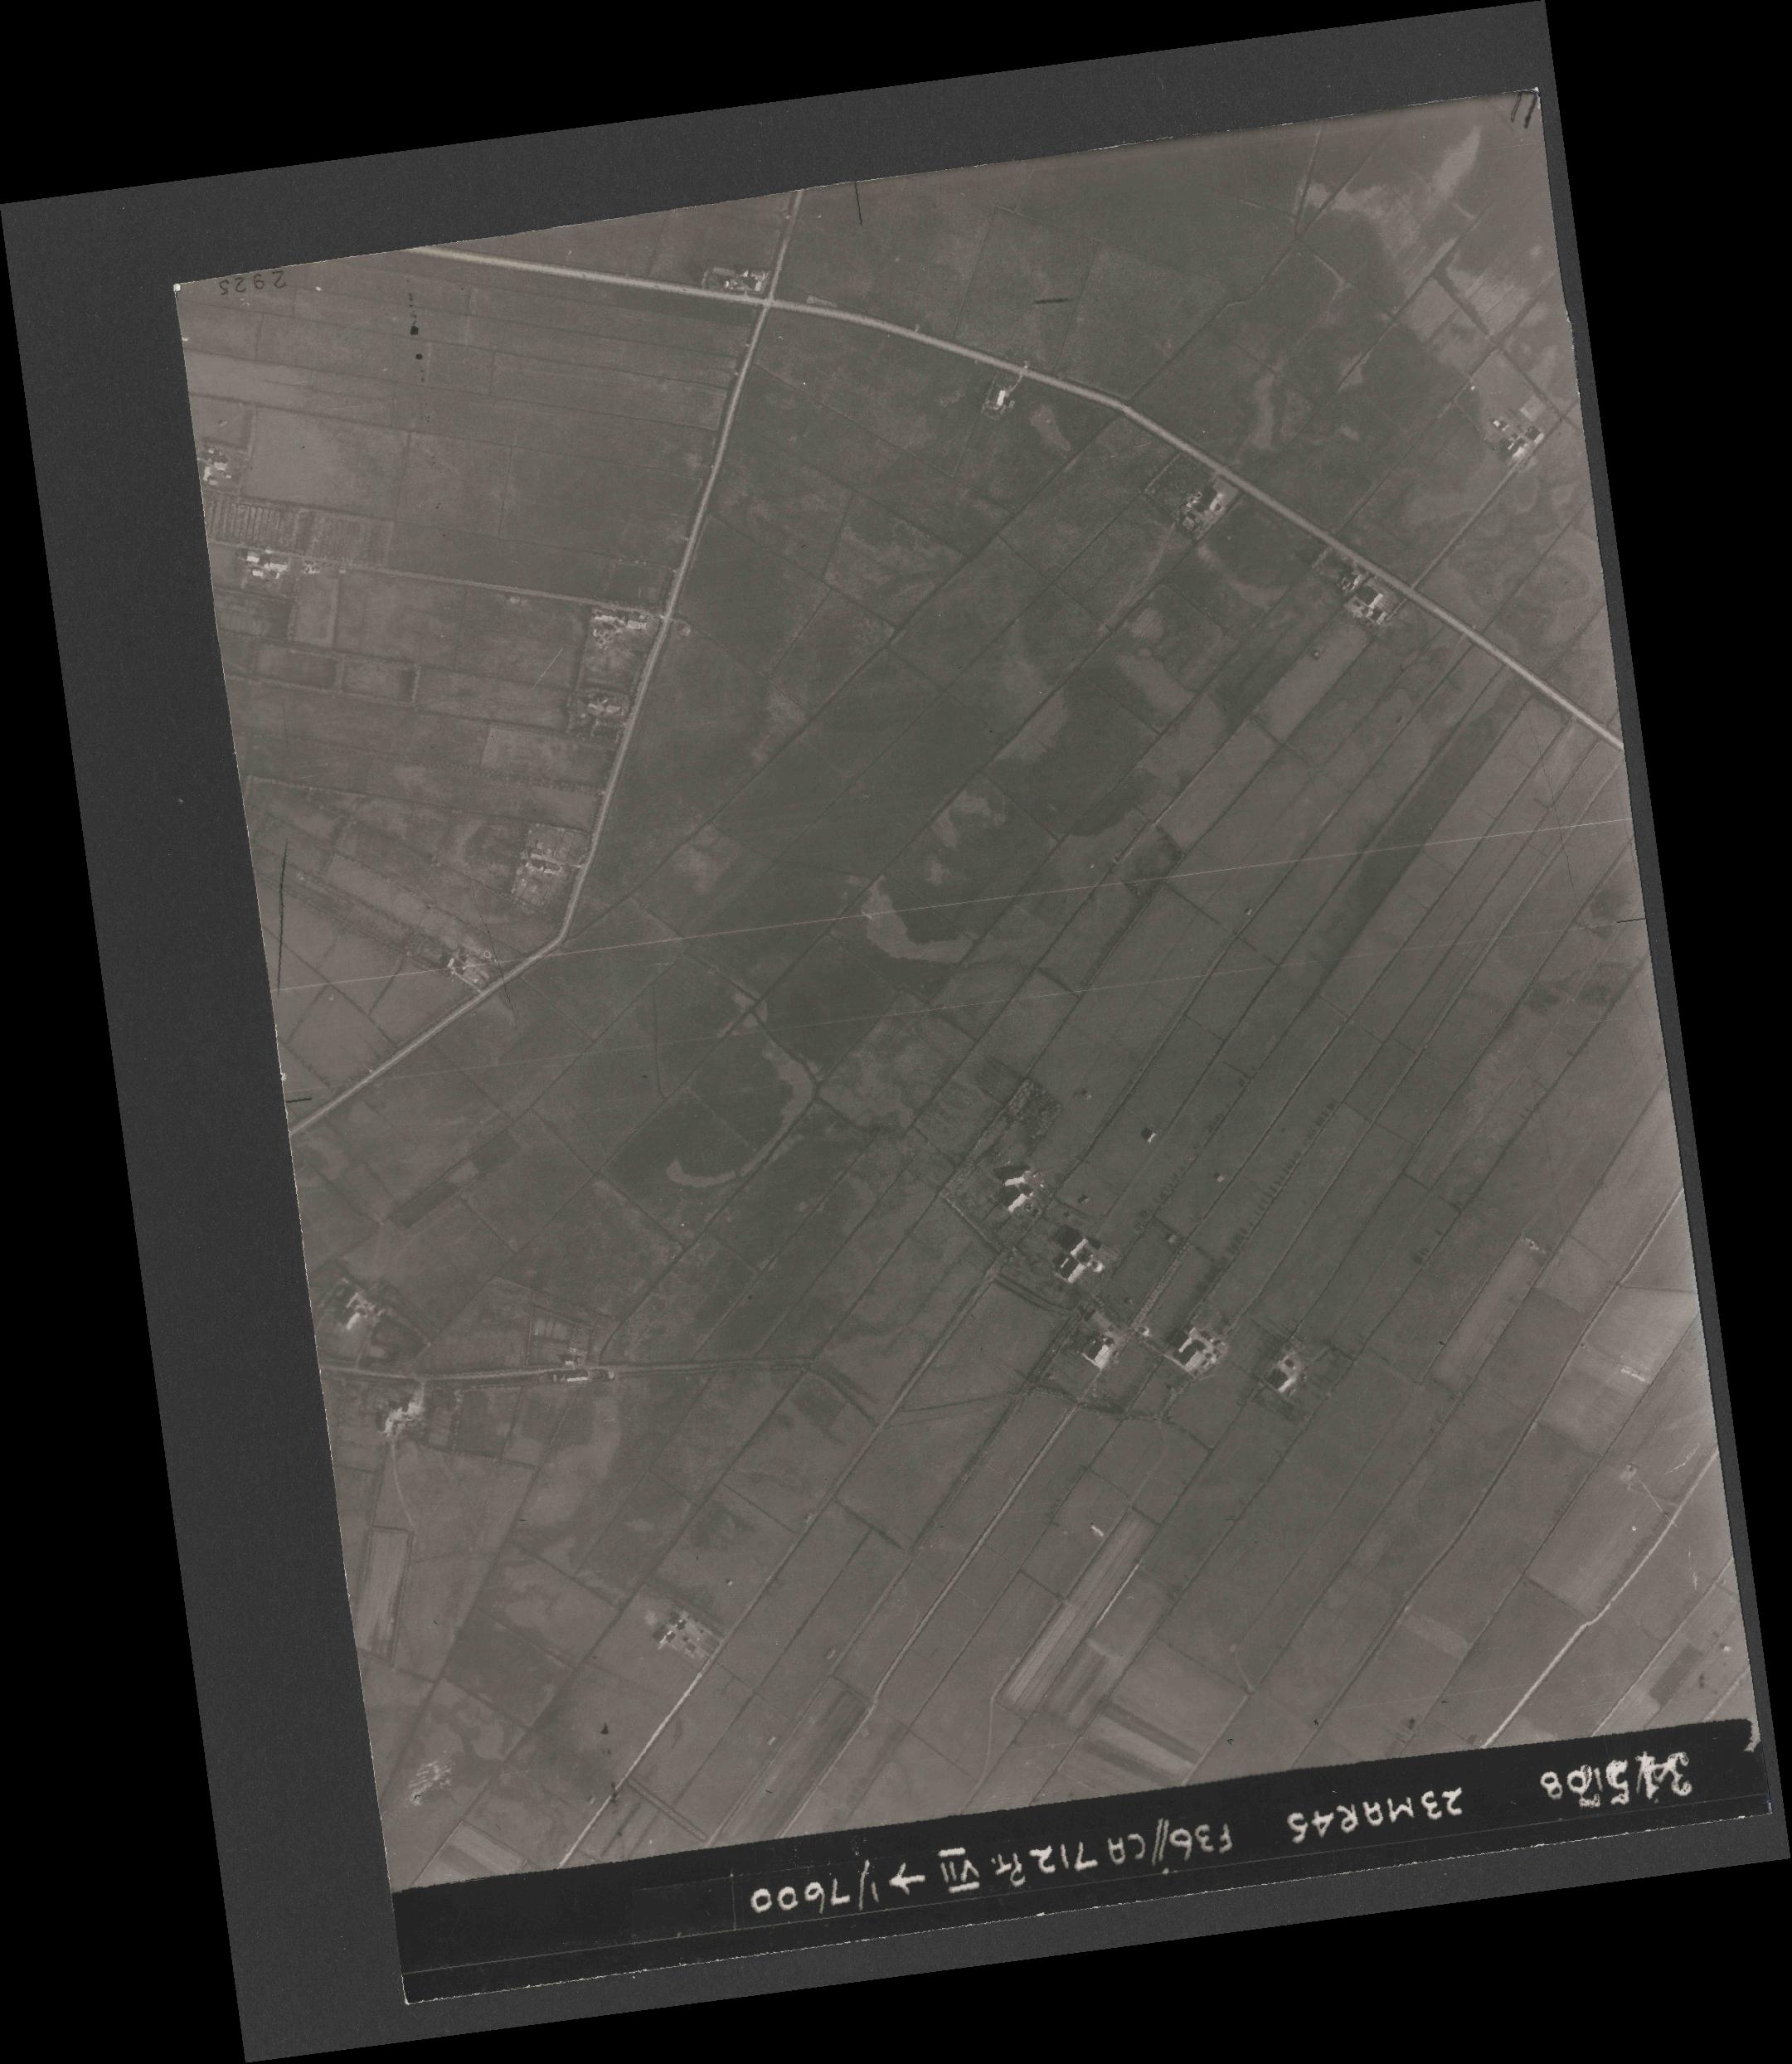 Collection RAF aerial photos 1940-1945 - flight 104, run 04, photo 3157